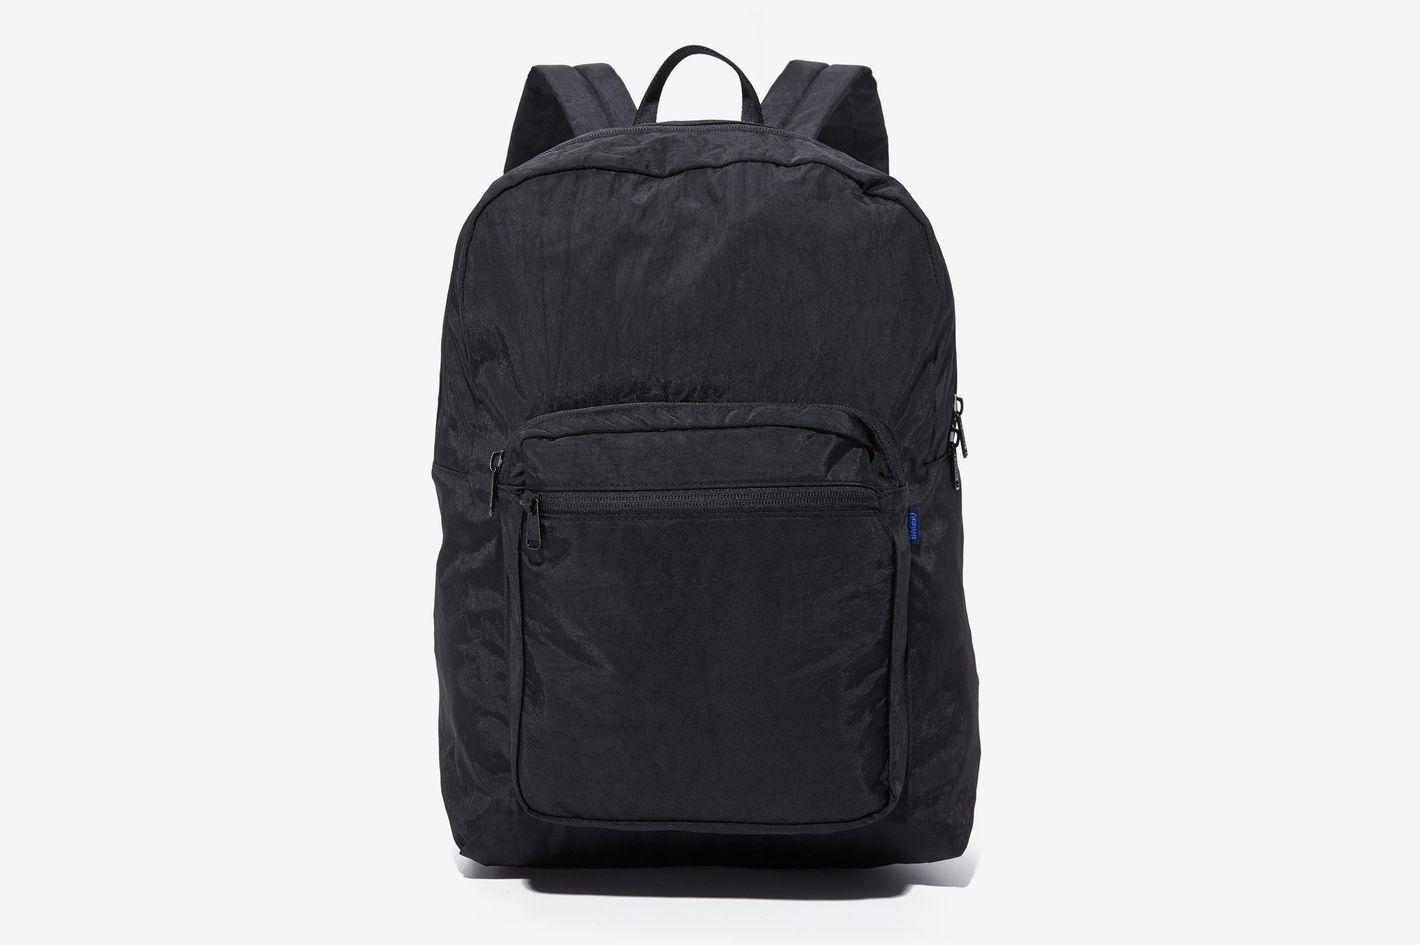 Baggu School Backpack at Shopbop de45b76ba27cb